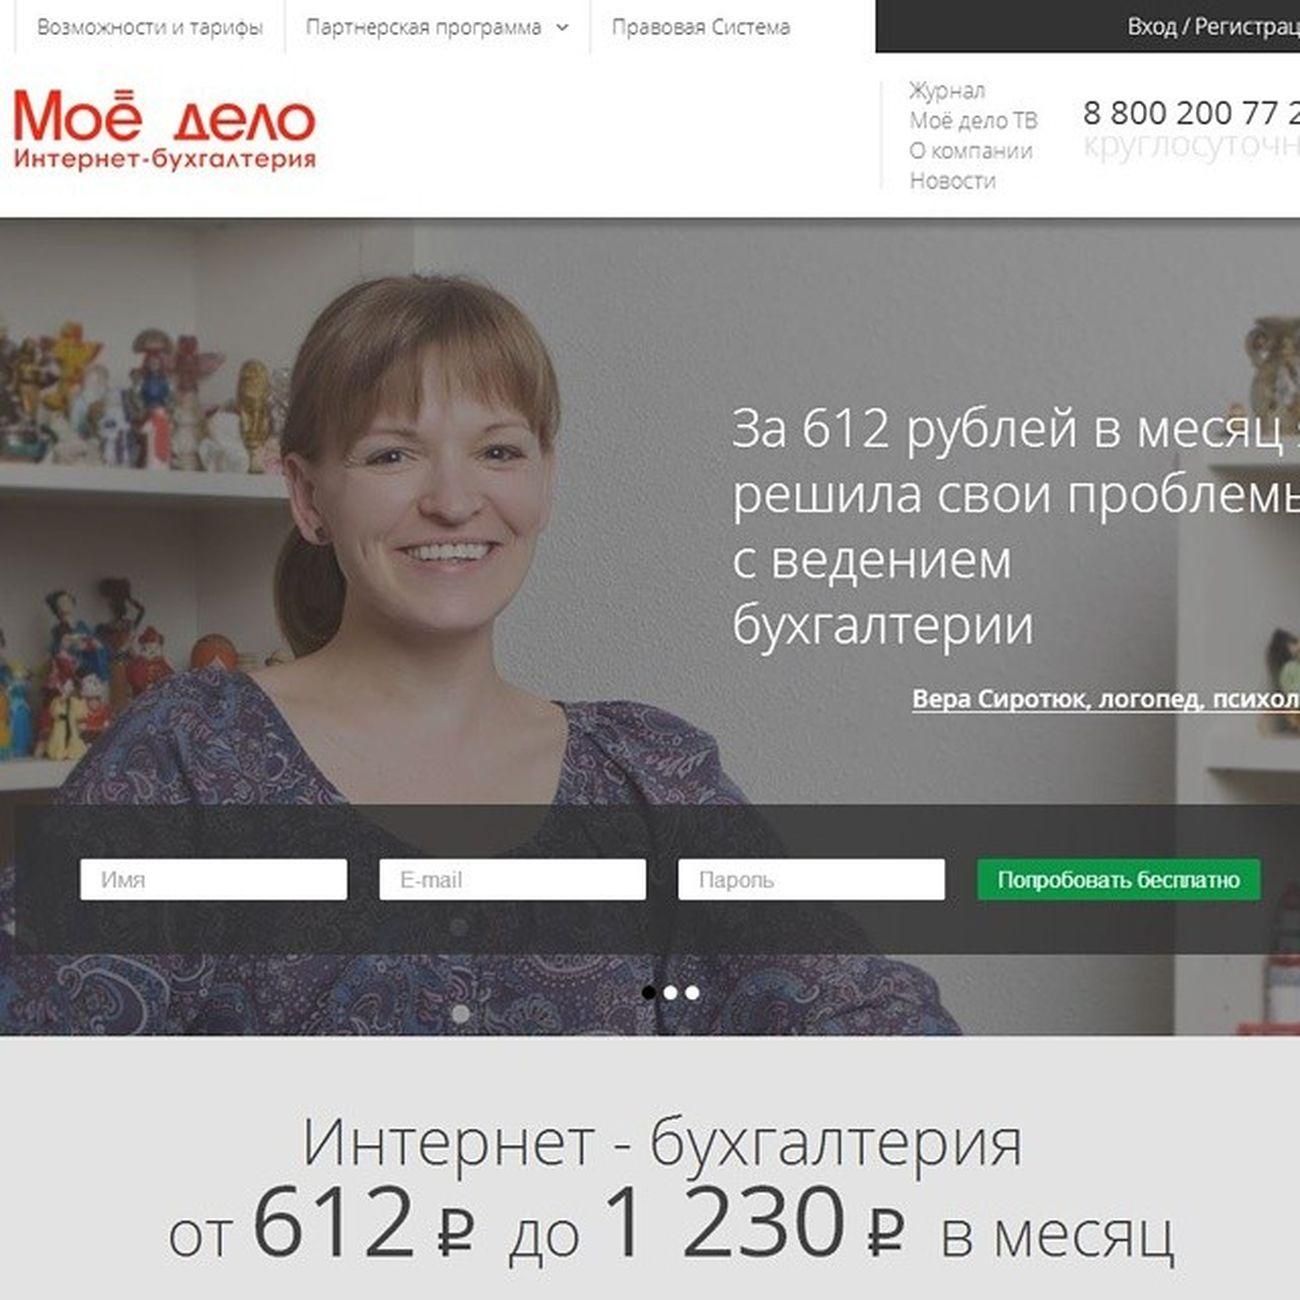 """Запустили новый сайт @moedelo_org с обновлённым логотипом и новым слоганом """"Больше, чем бухгалтерия"""". Почему больше? Потому что помимо интернет-бухгалтерии есть интеграция с банками, финансовая ответственность, индивидуальные консультации, правовая система и т.д. В общем, здесь всё написано: http://www.moedelo.org/."""